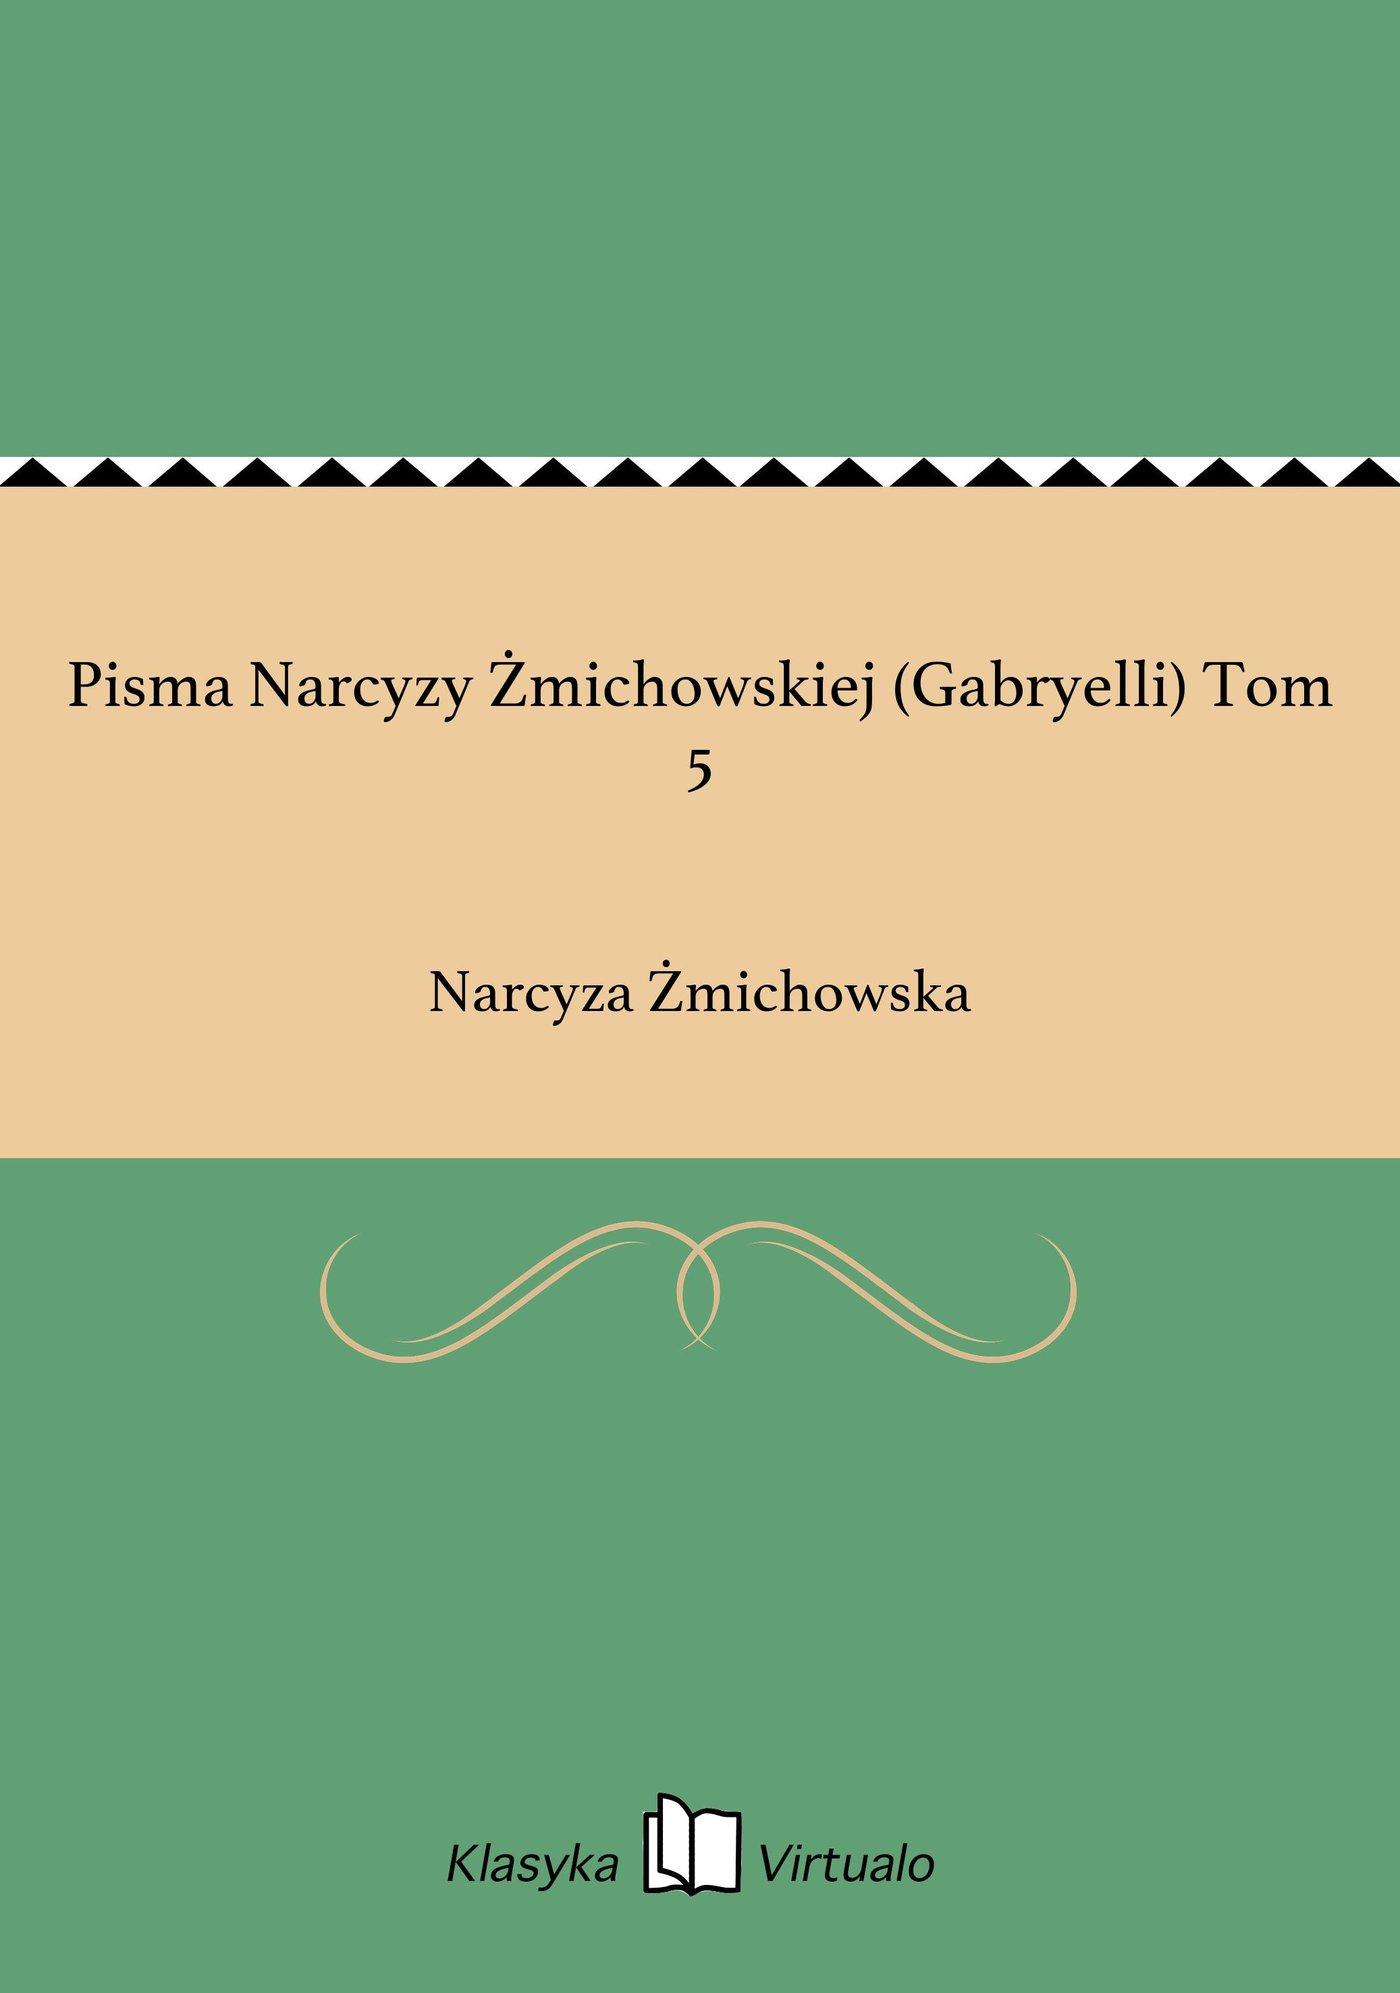 Pisma Narcyzy Żmichowskiej (Gabryelli) Tom 5 - Ebook (Książka EPUB) do pobrania w formacie EPUB